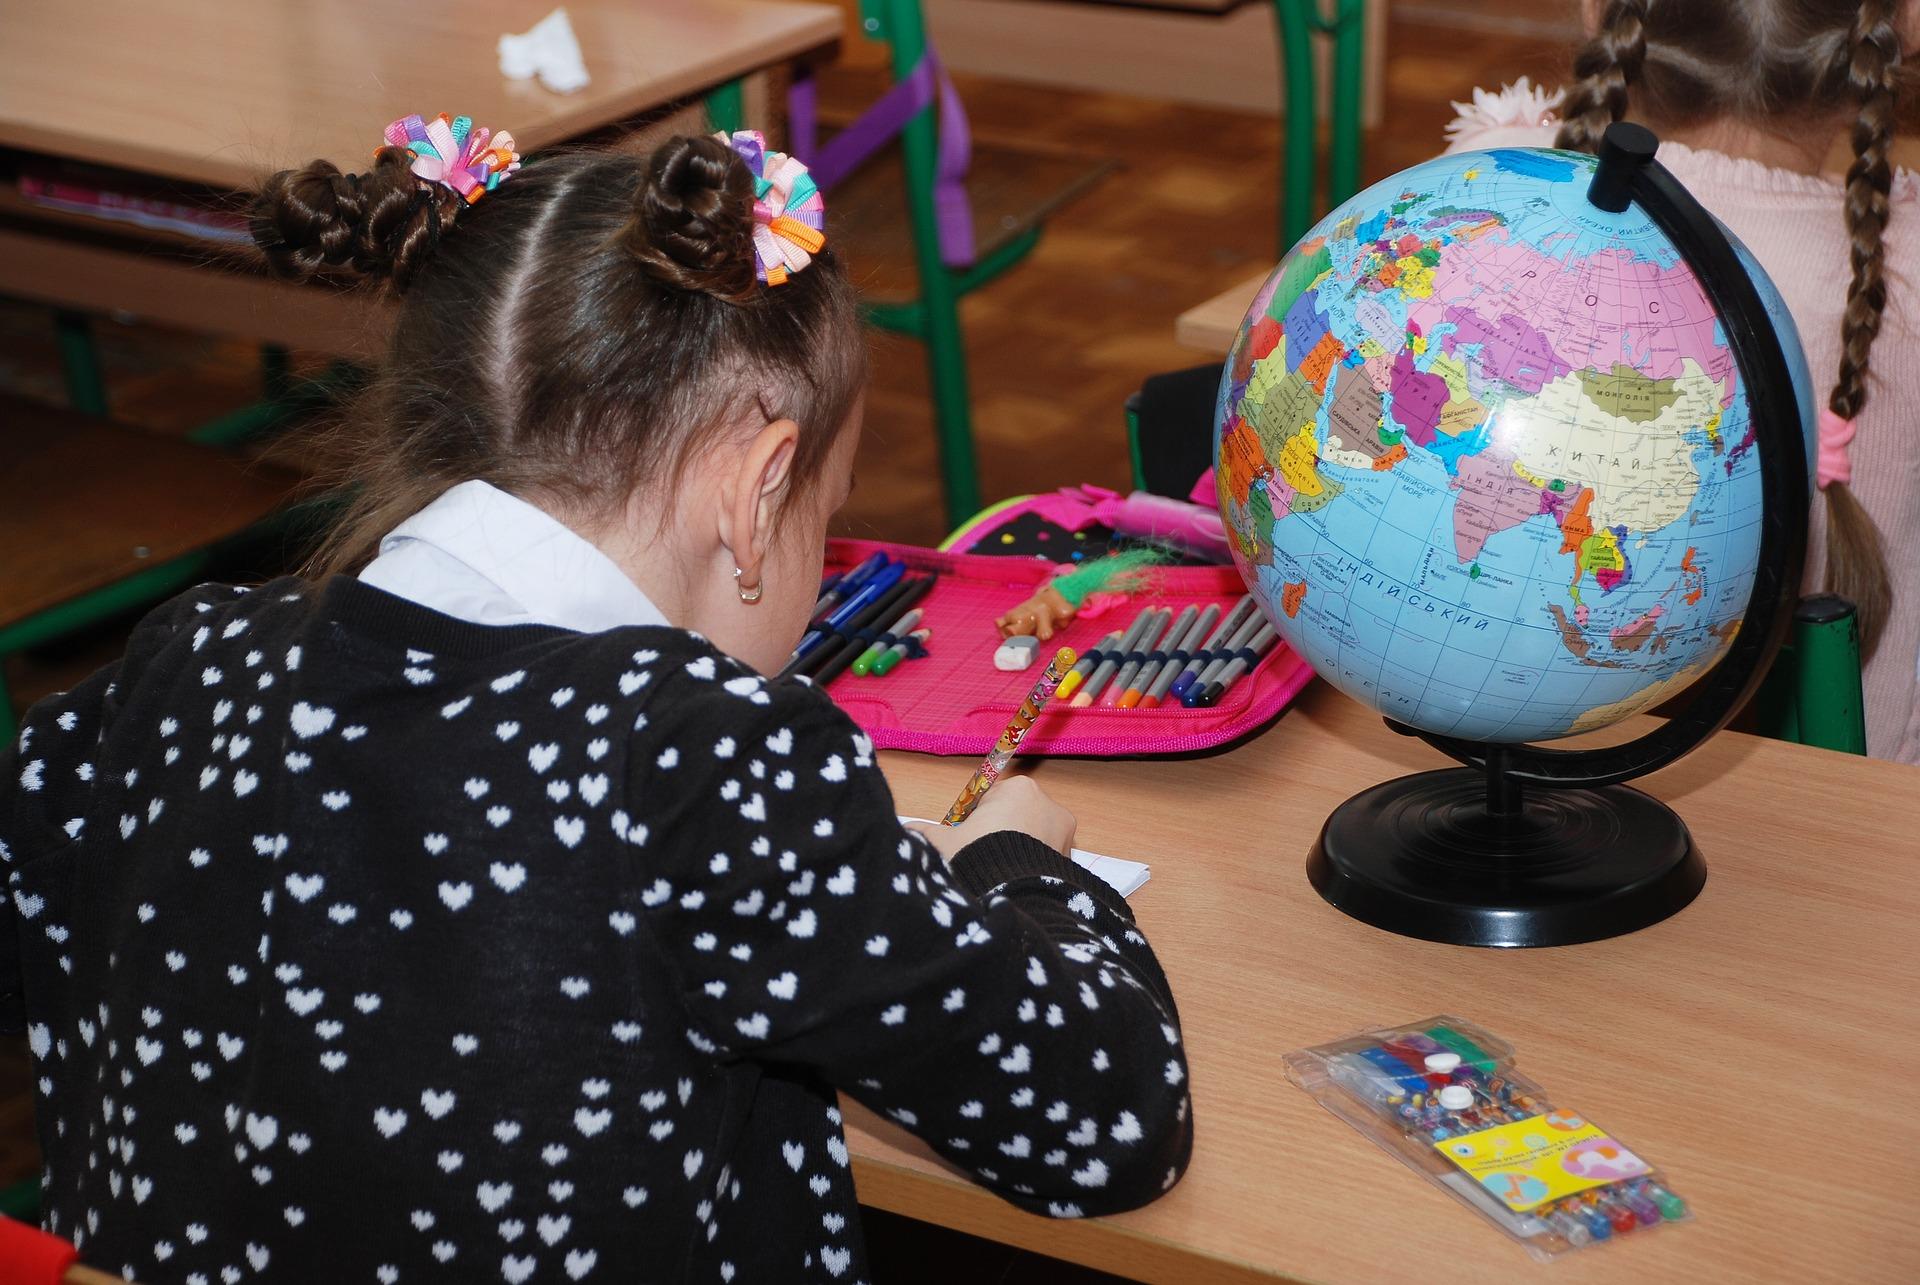 Початкова школа отримає 1 млрд грн на обладнання